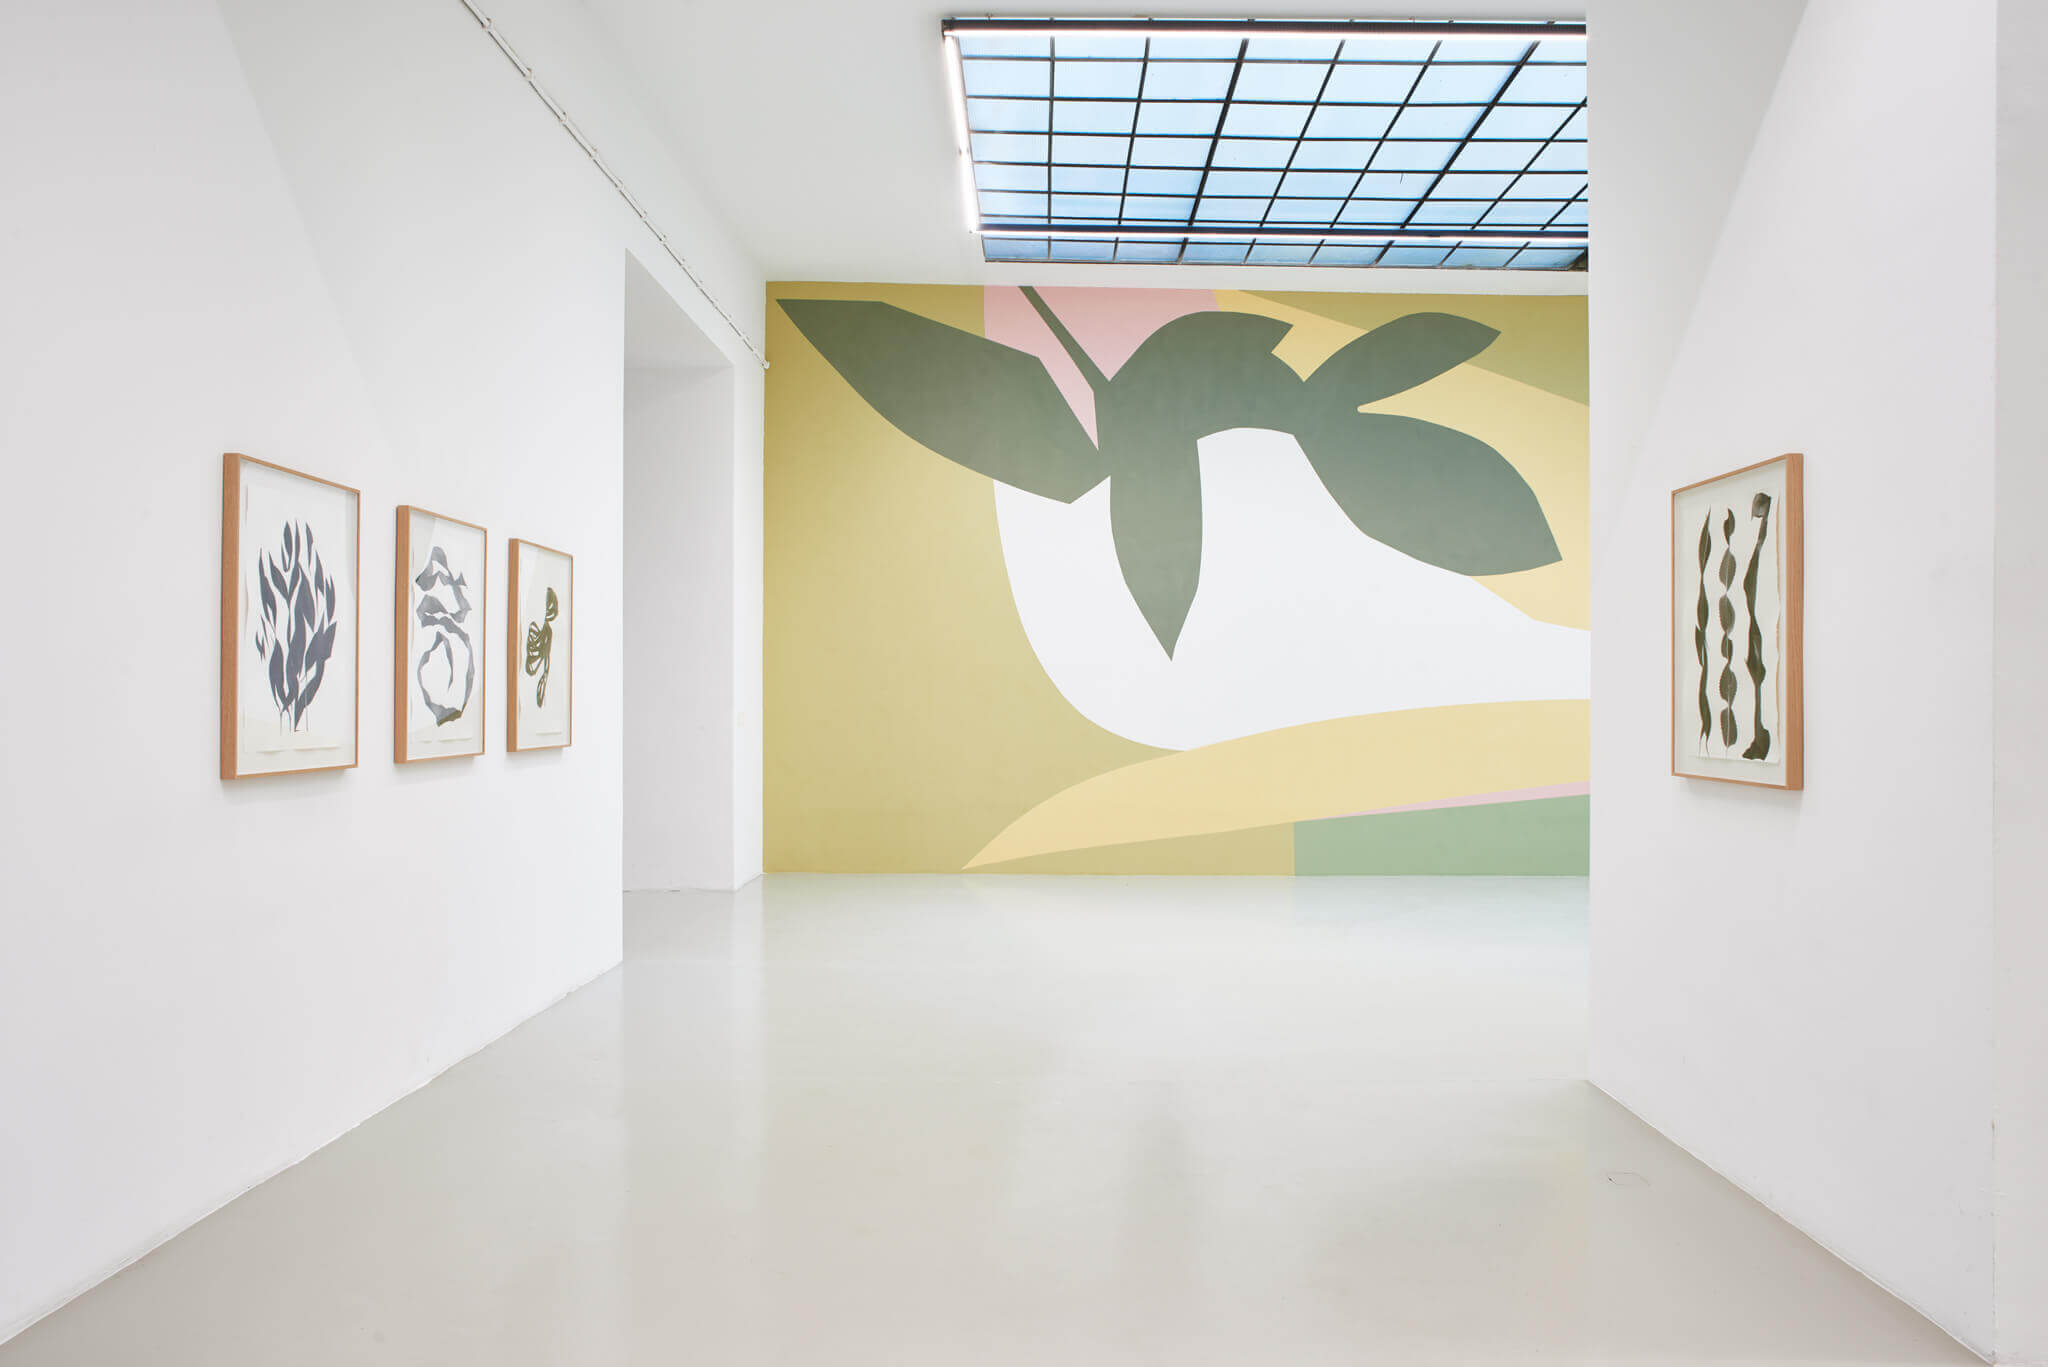 07_Frauke Dannert_Collage_Ausstellung_Folie_Galerie Lisa Kandlhofer_Wien_2018